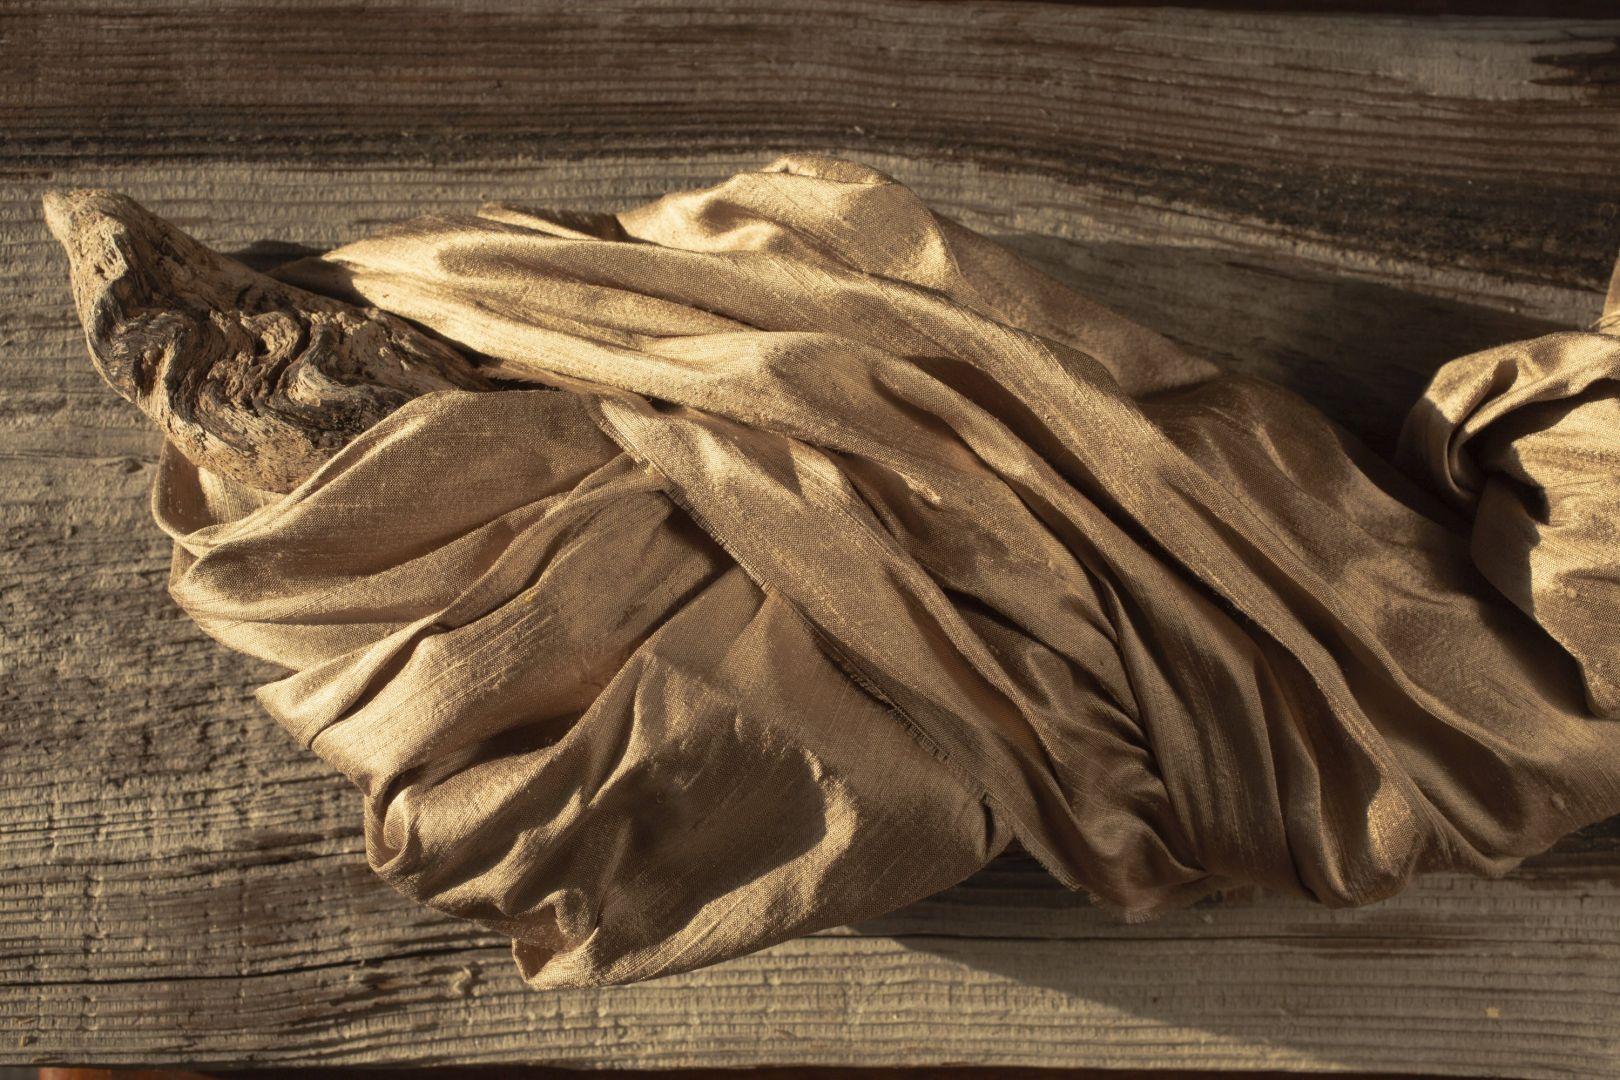 Indian Silk to ręcznie tkany jedwab typu szantung. Wykonany jest z przędzy o nieregularnej grubości, dzięki czemu wyróżnia się charakterystycznymi zgrubieniami – niepowtarzalnymi węzełkami i zadziorkami, które dodają mu uroku.